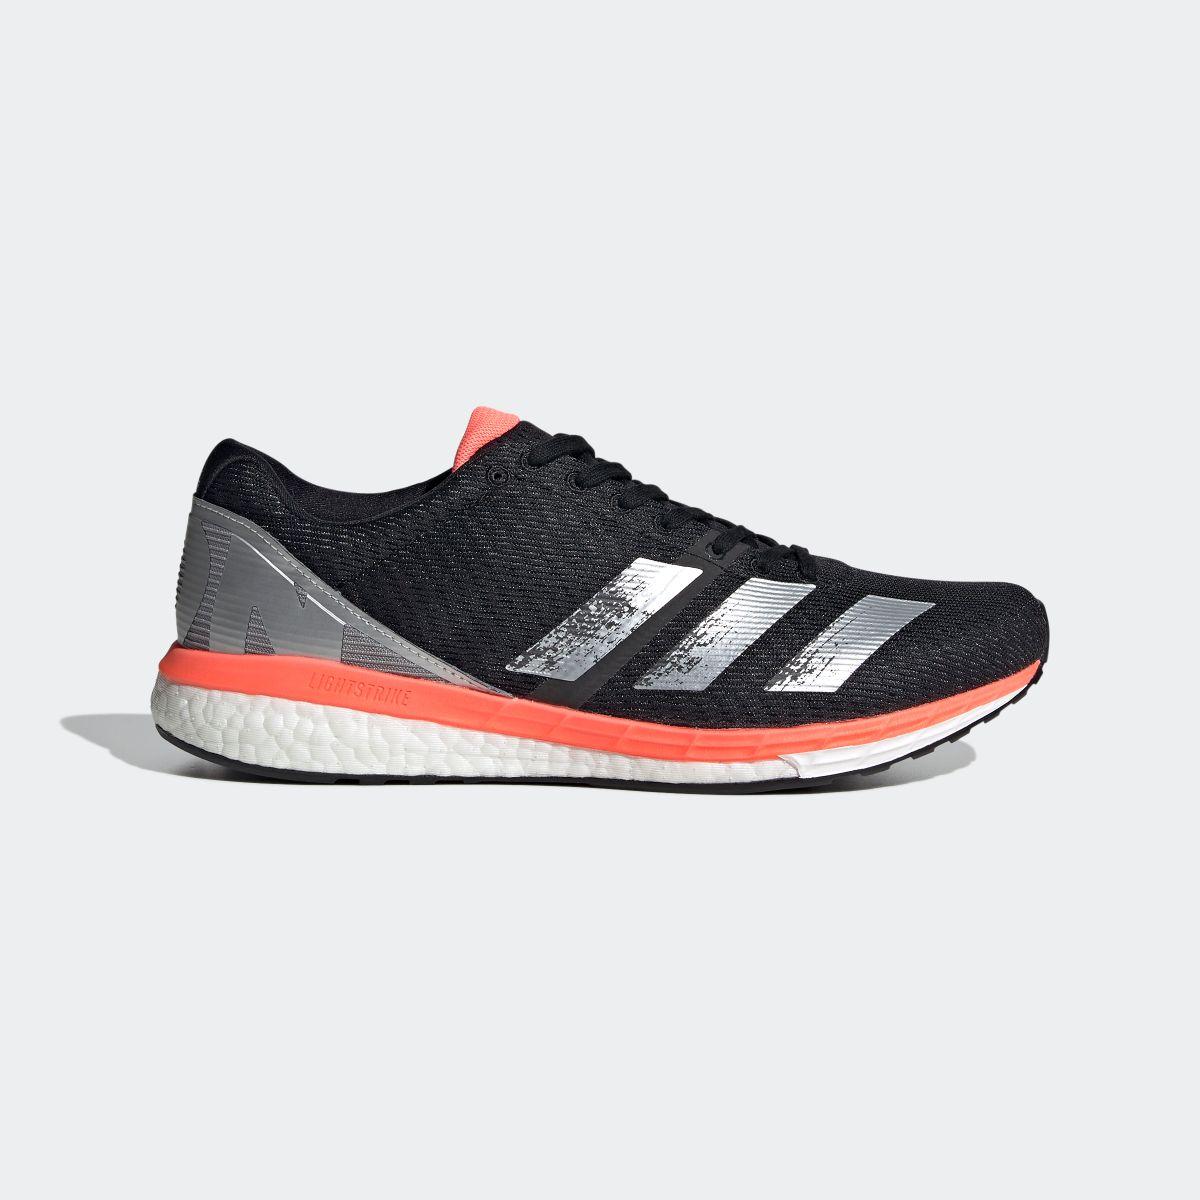 【公式】アディダス adidas adizero Boston 8 Wide レディース メンズ ランニング シューズ スポーツシューズ EE4991